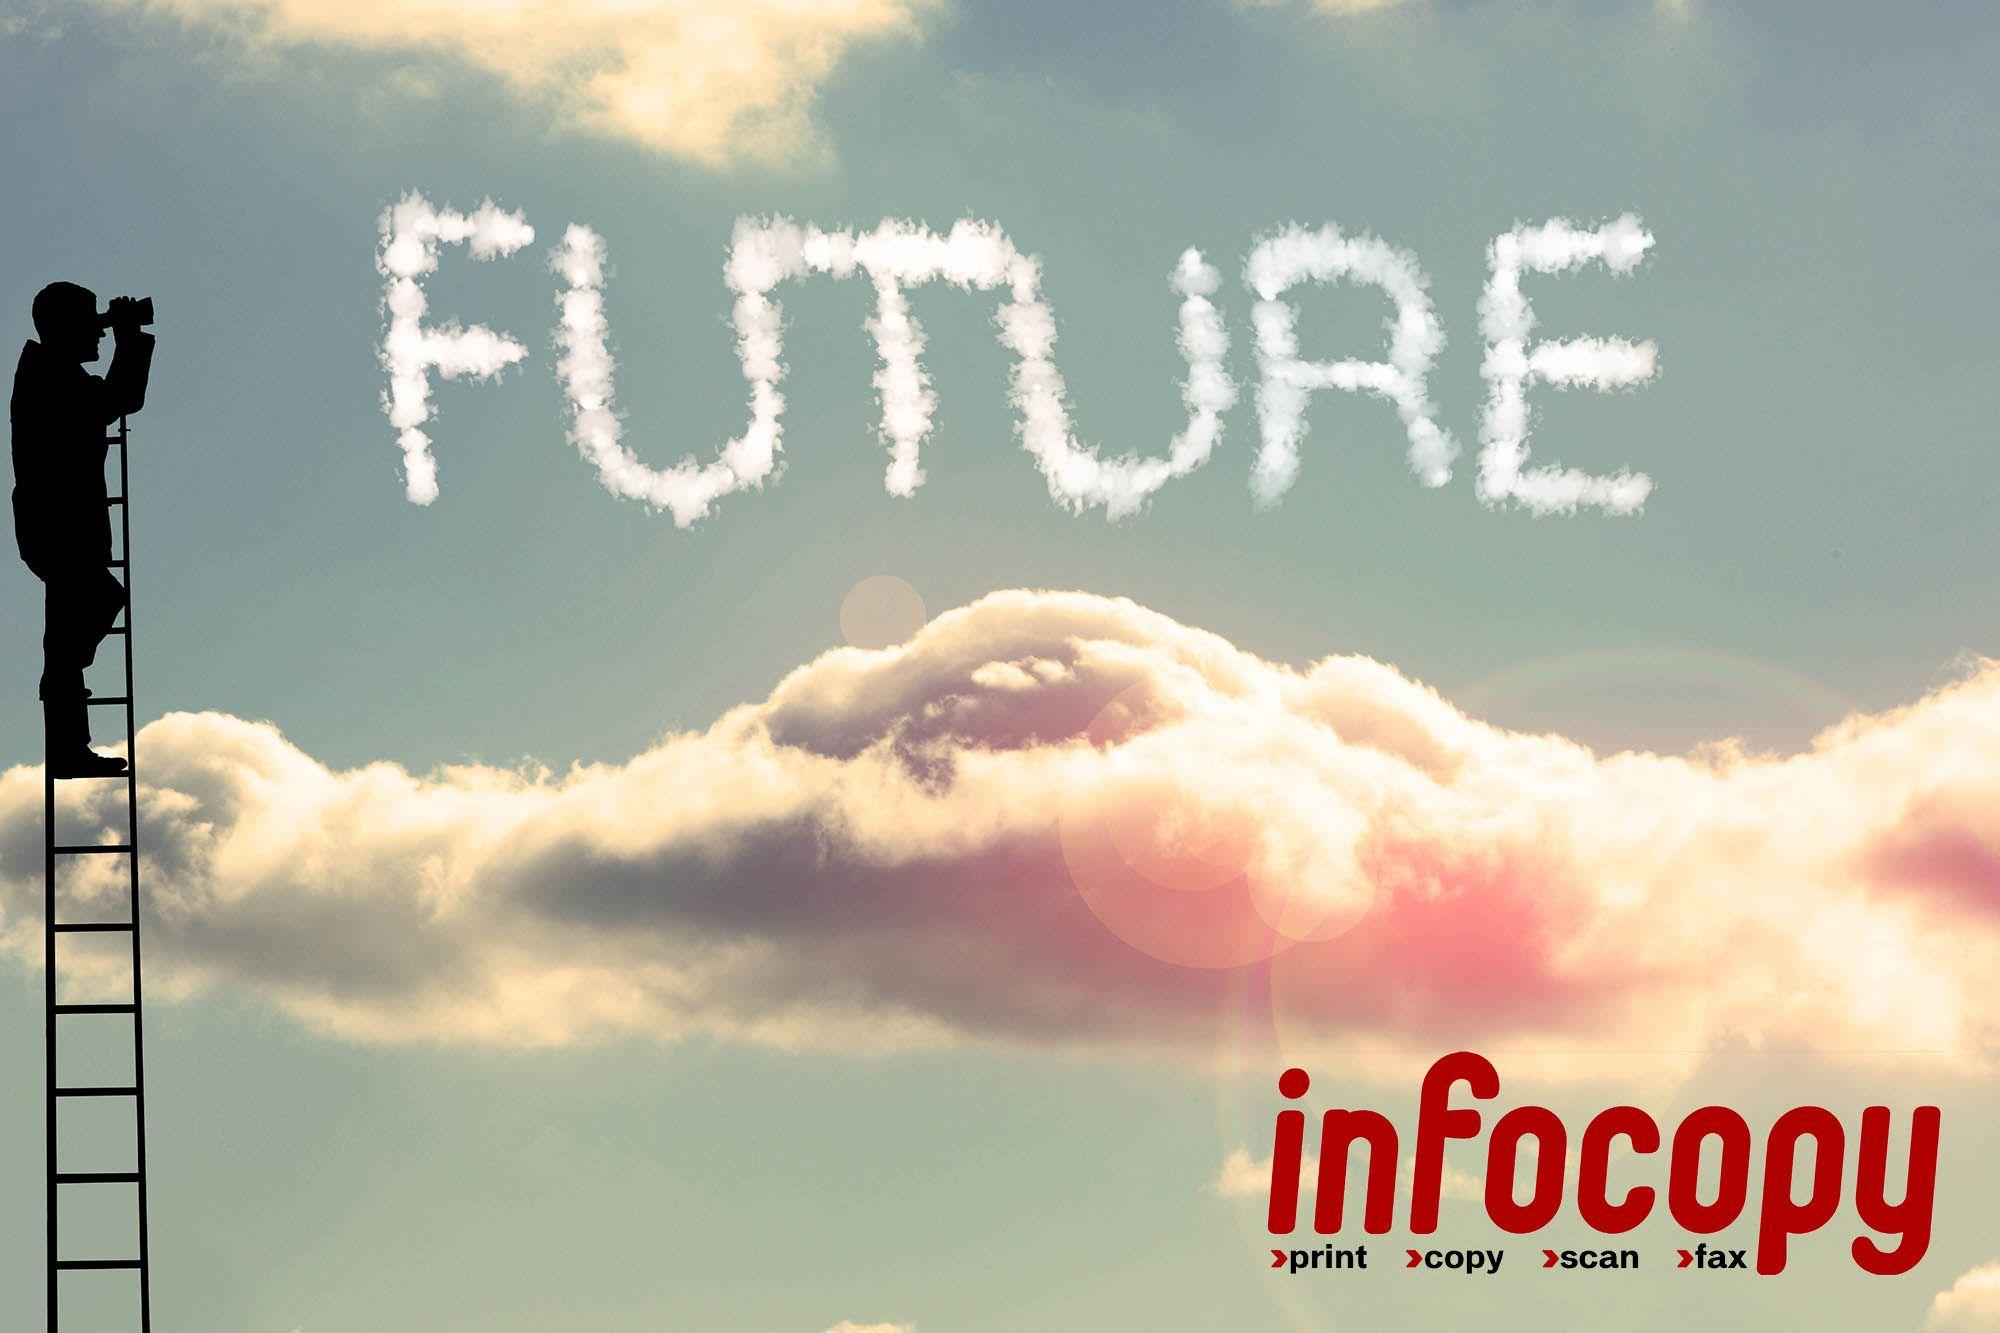 Infocopy permite a las empresas evolucionar a medida que cambian sus necesidades